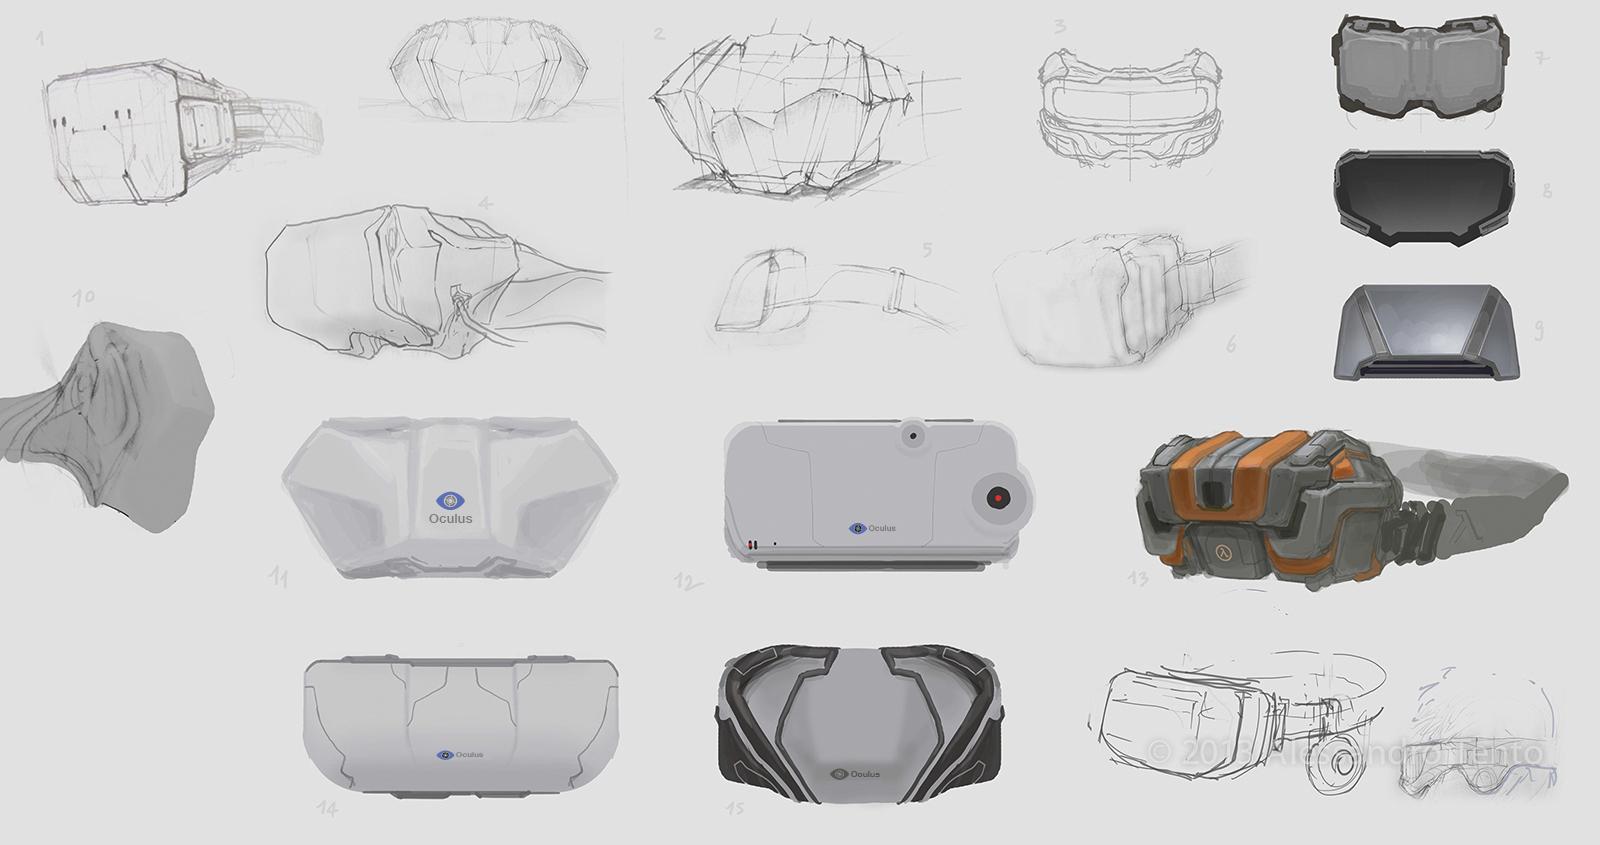 oculus_early_sketchesLR.jpg